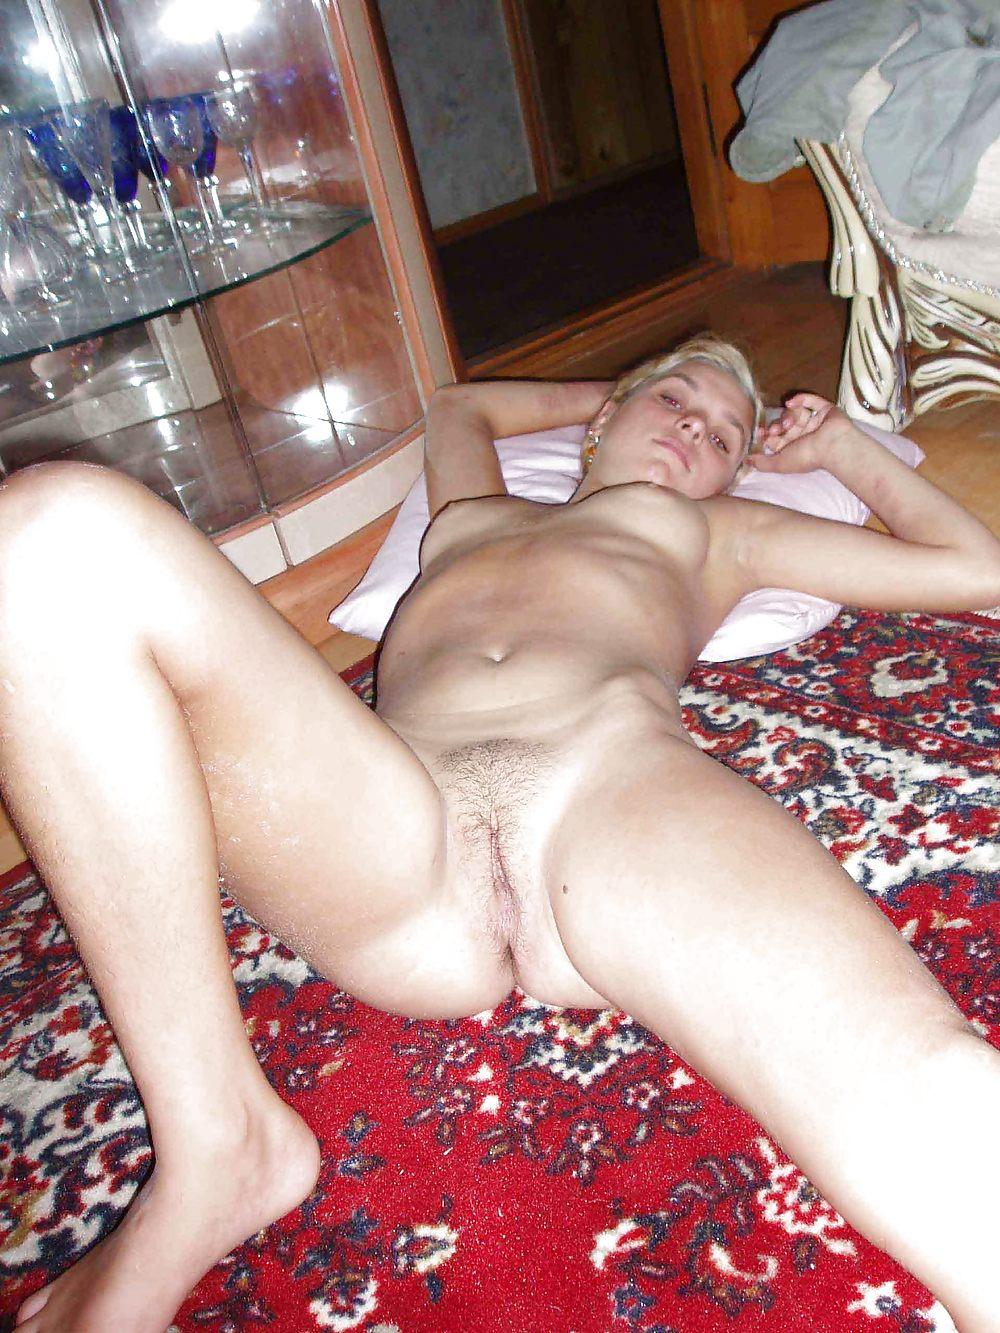 фото присланное голых дев порно сожалению